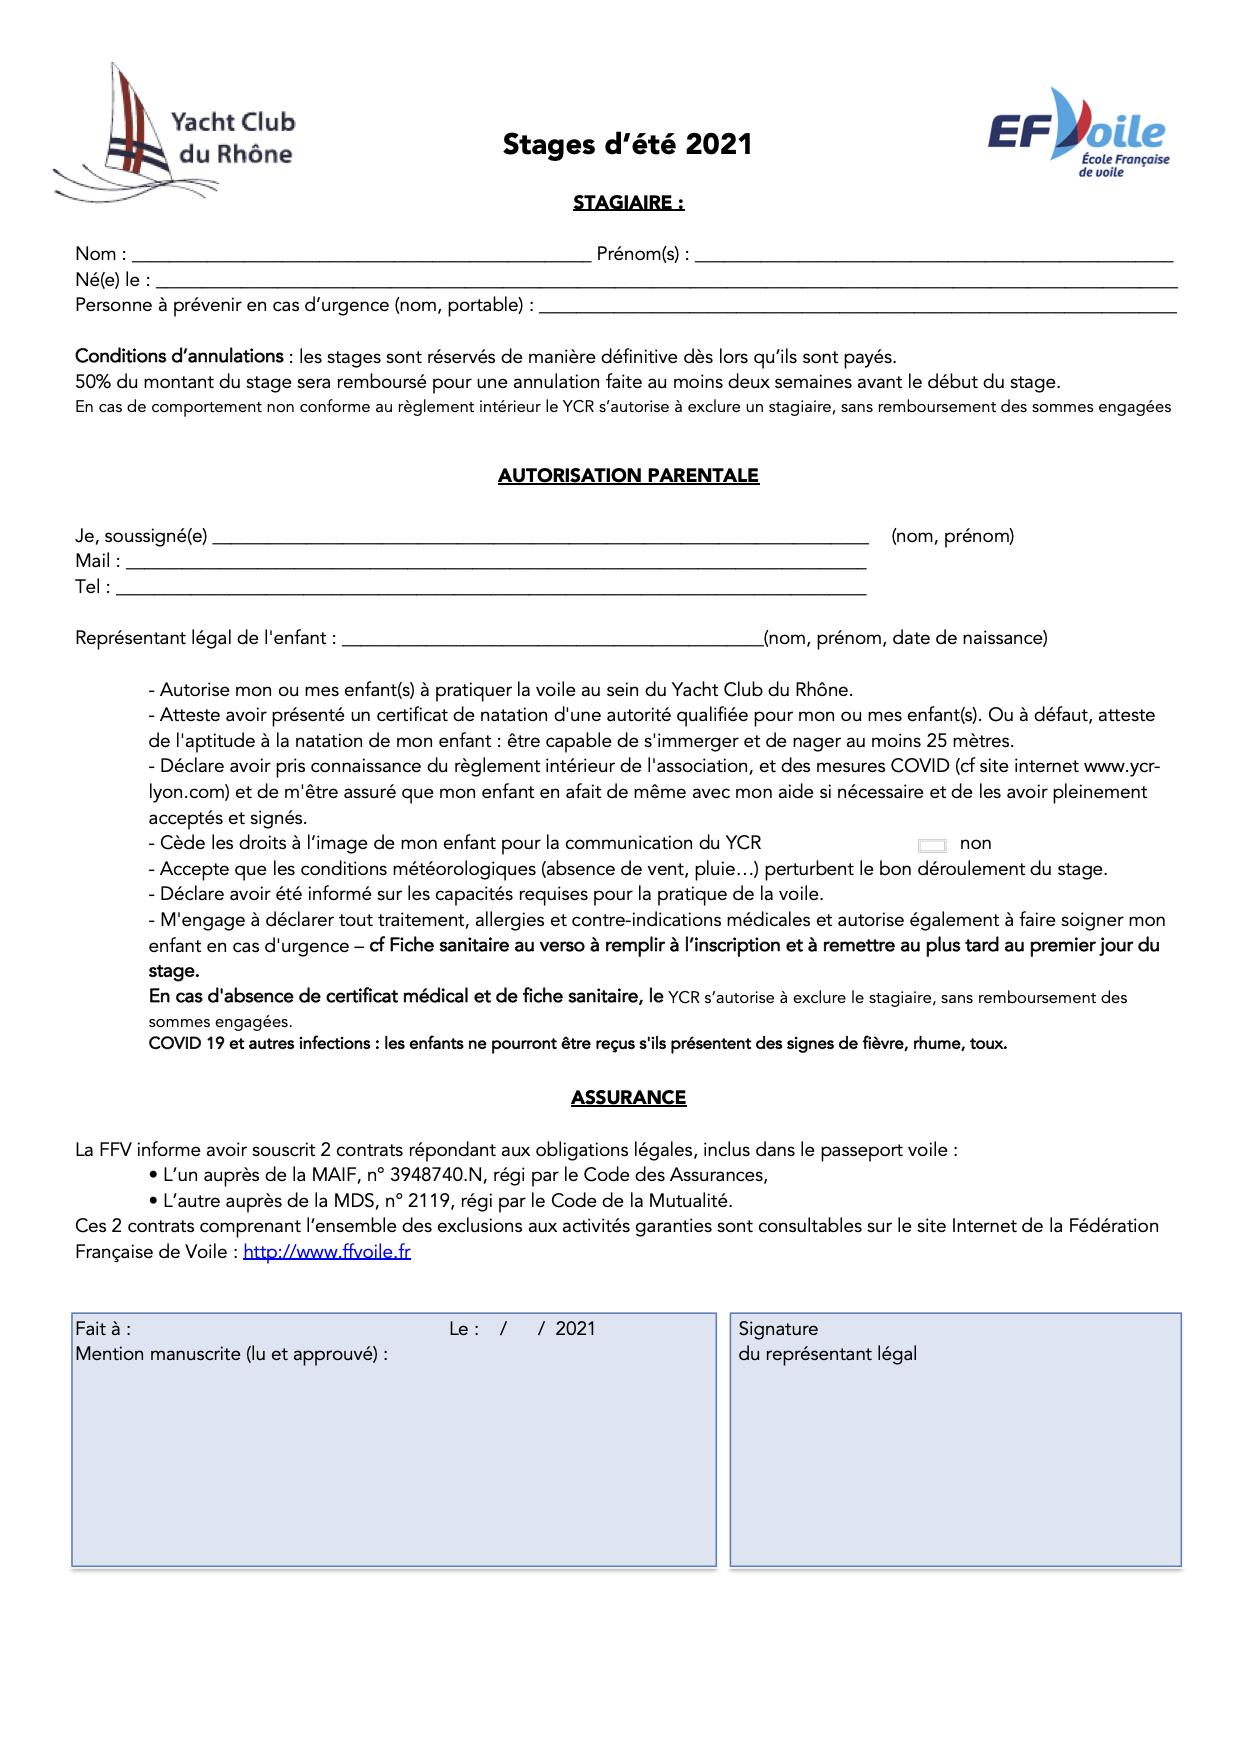 Autorisation parentale Stages d'été 2021 YCR